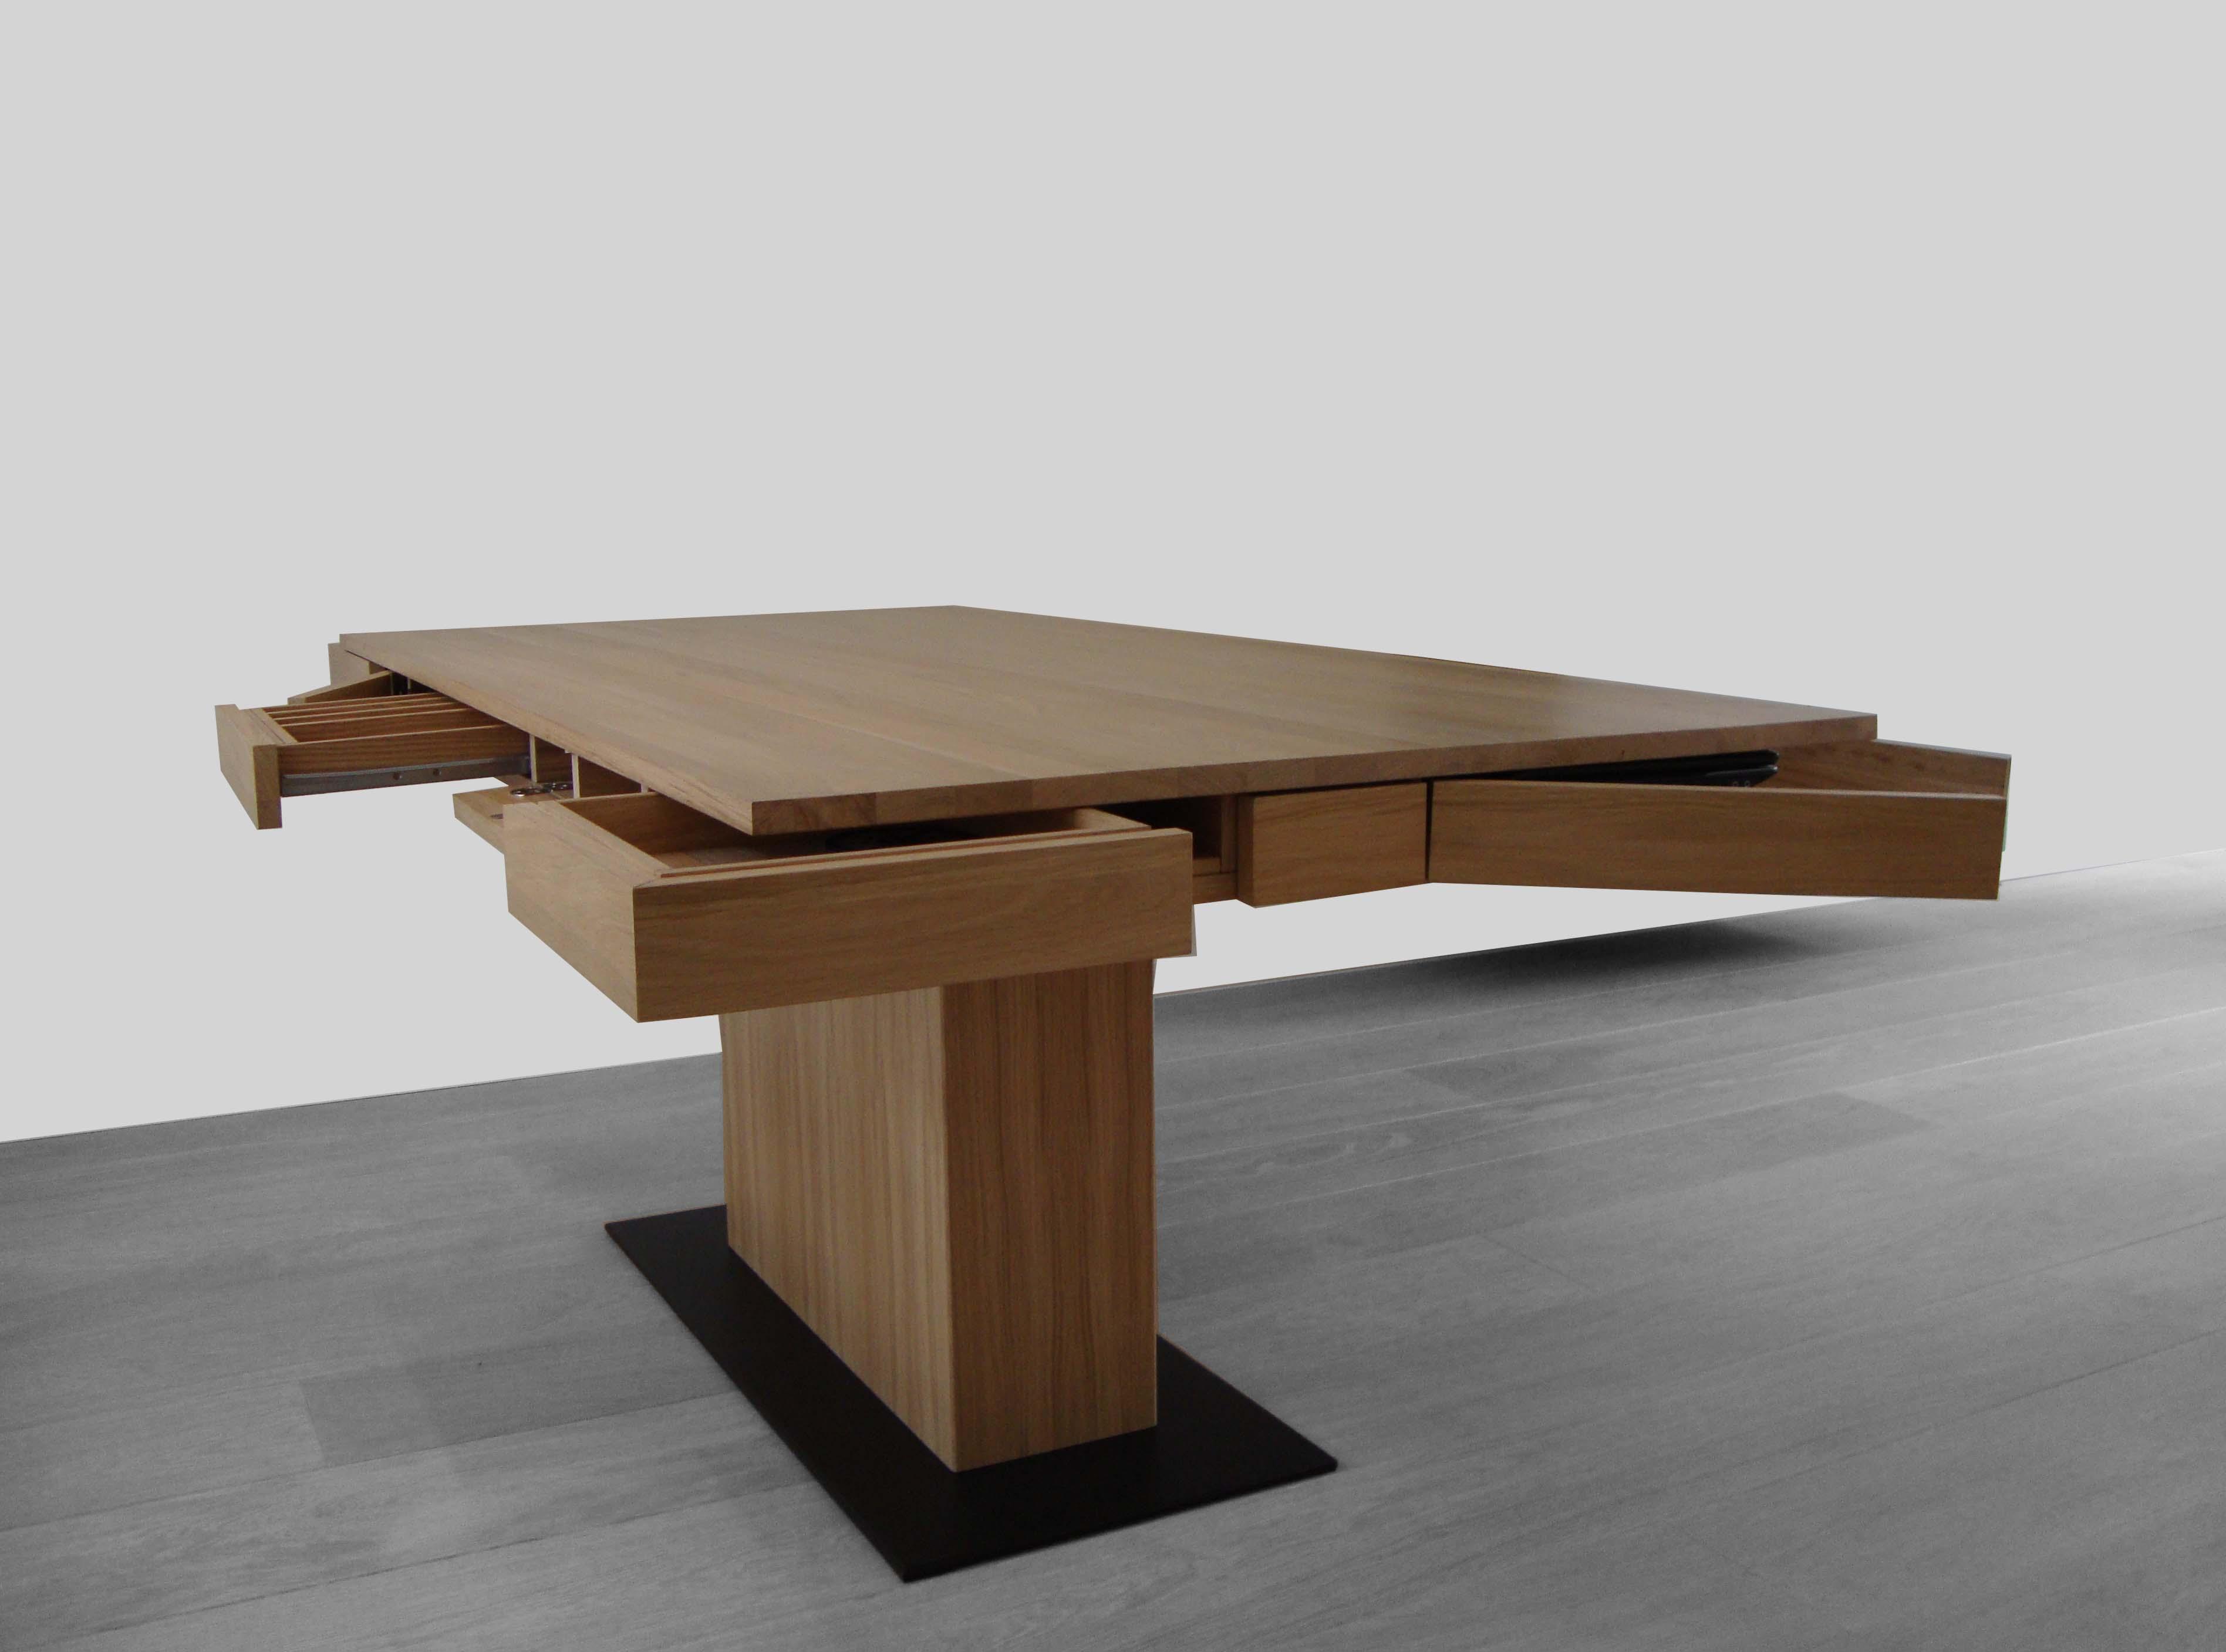 Interieur meubelontwerp laura donkers uit nederweert nederweert24 - Meubelontwerp ...